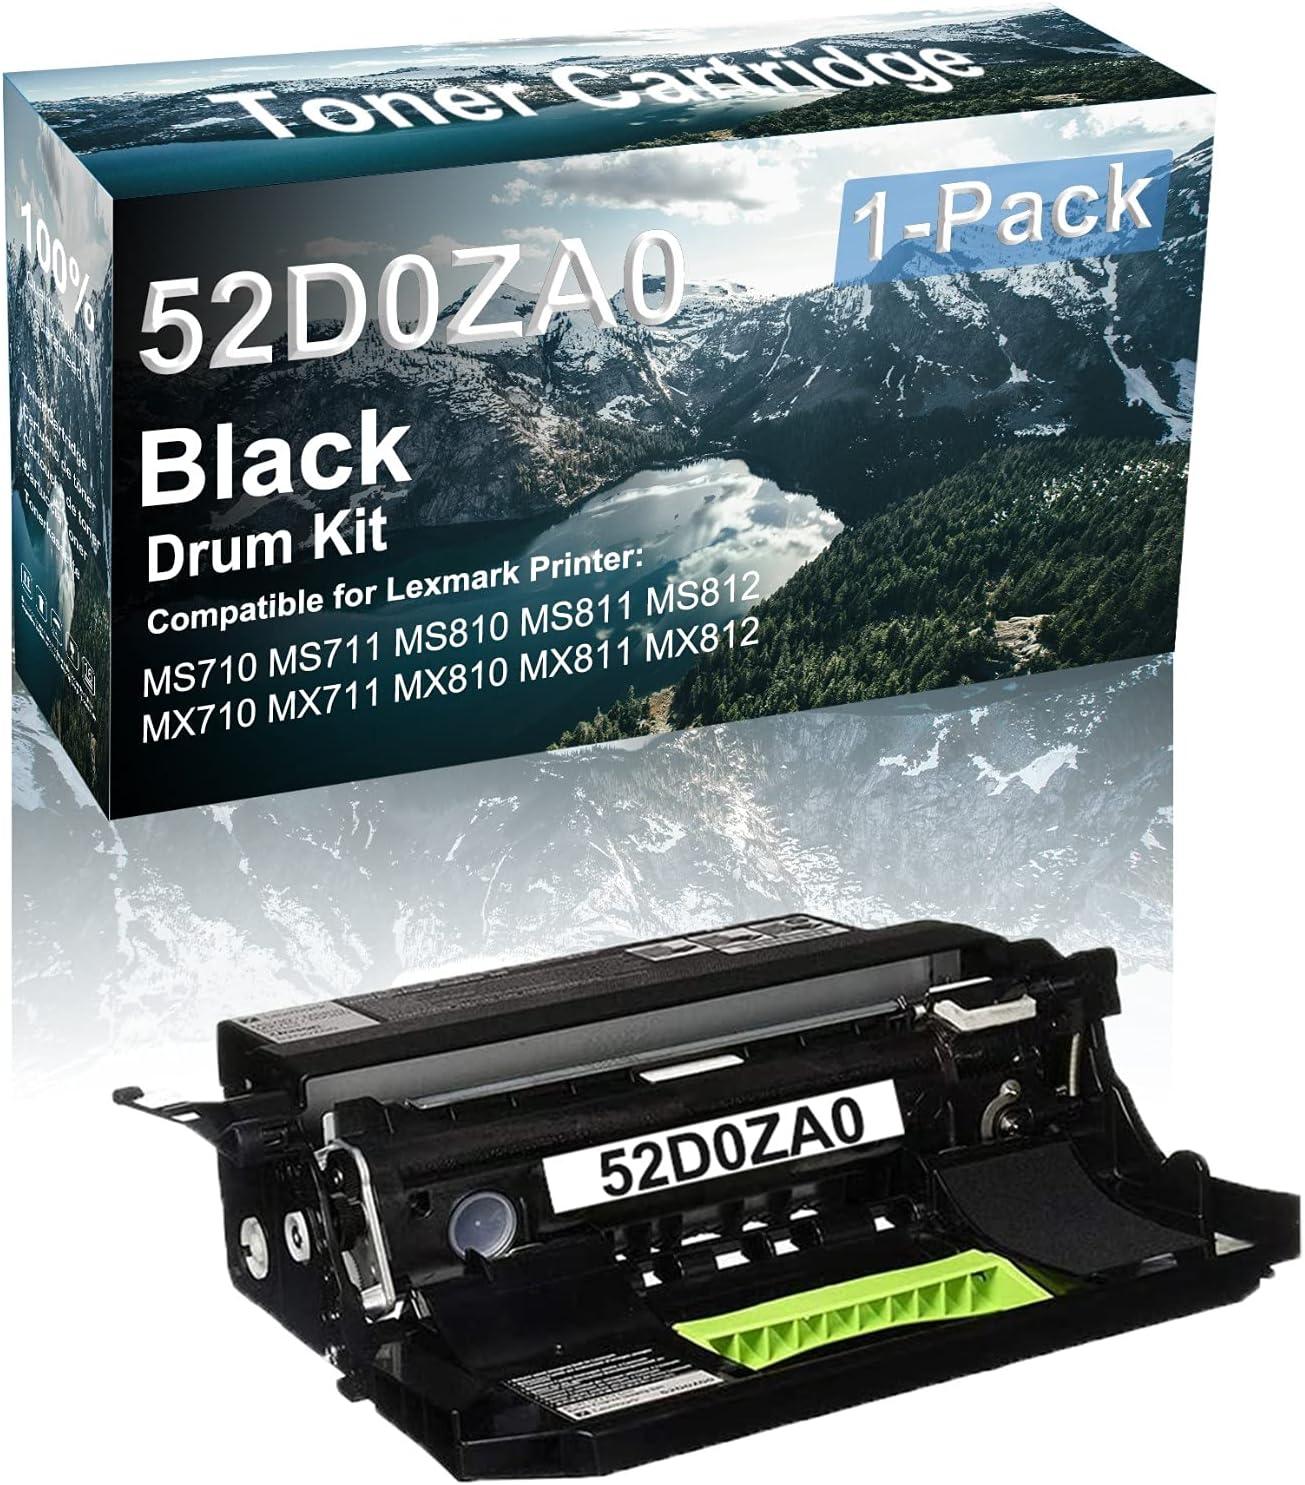 1-Pack Black Compatible MS812 MX710 Drum Popular Printer MX810 MX711 U Minneapolis Mall